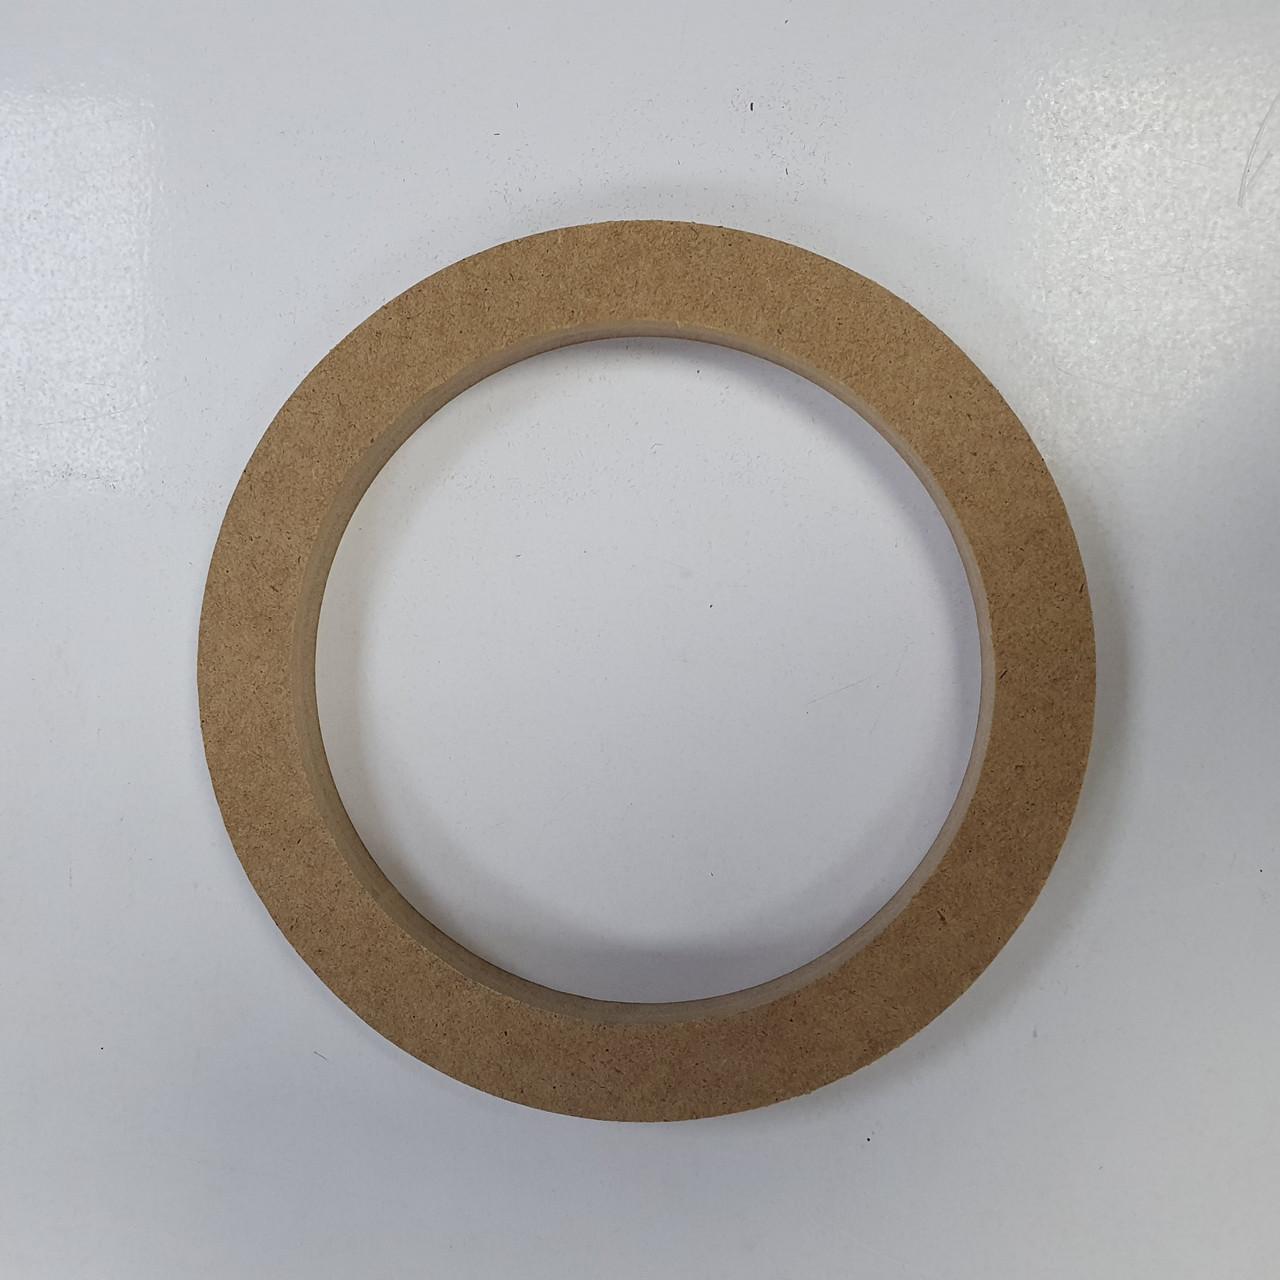 Кольцо №2v3 (16-ые под Hertz, Alpine без бортика)